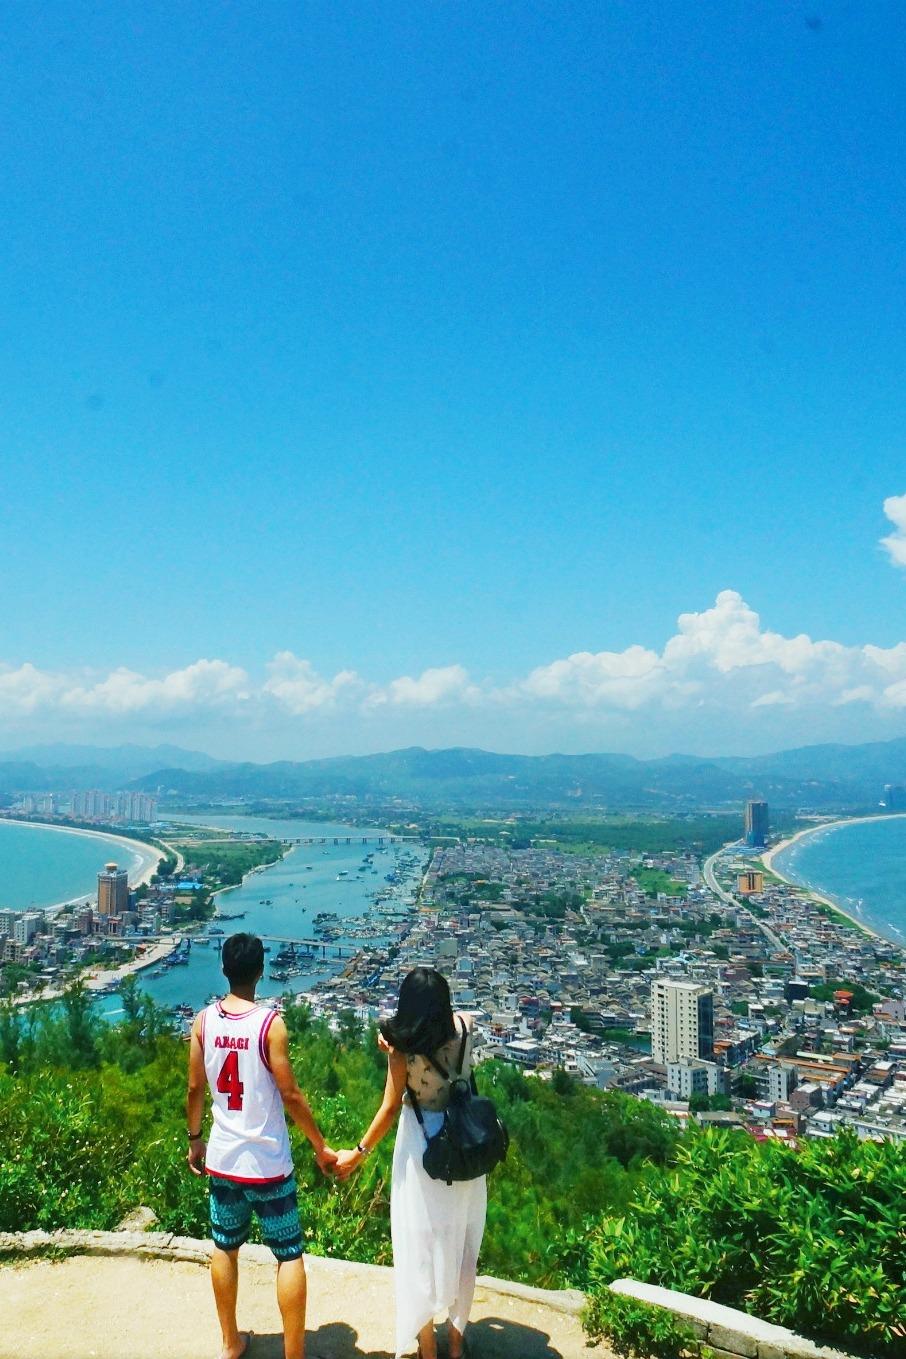 3月13号惠州绝美双月湾-勇闯巨石阵-环大星山穿越